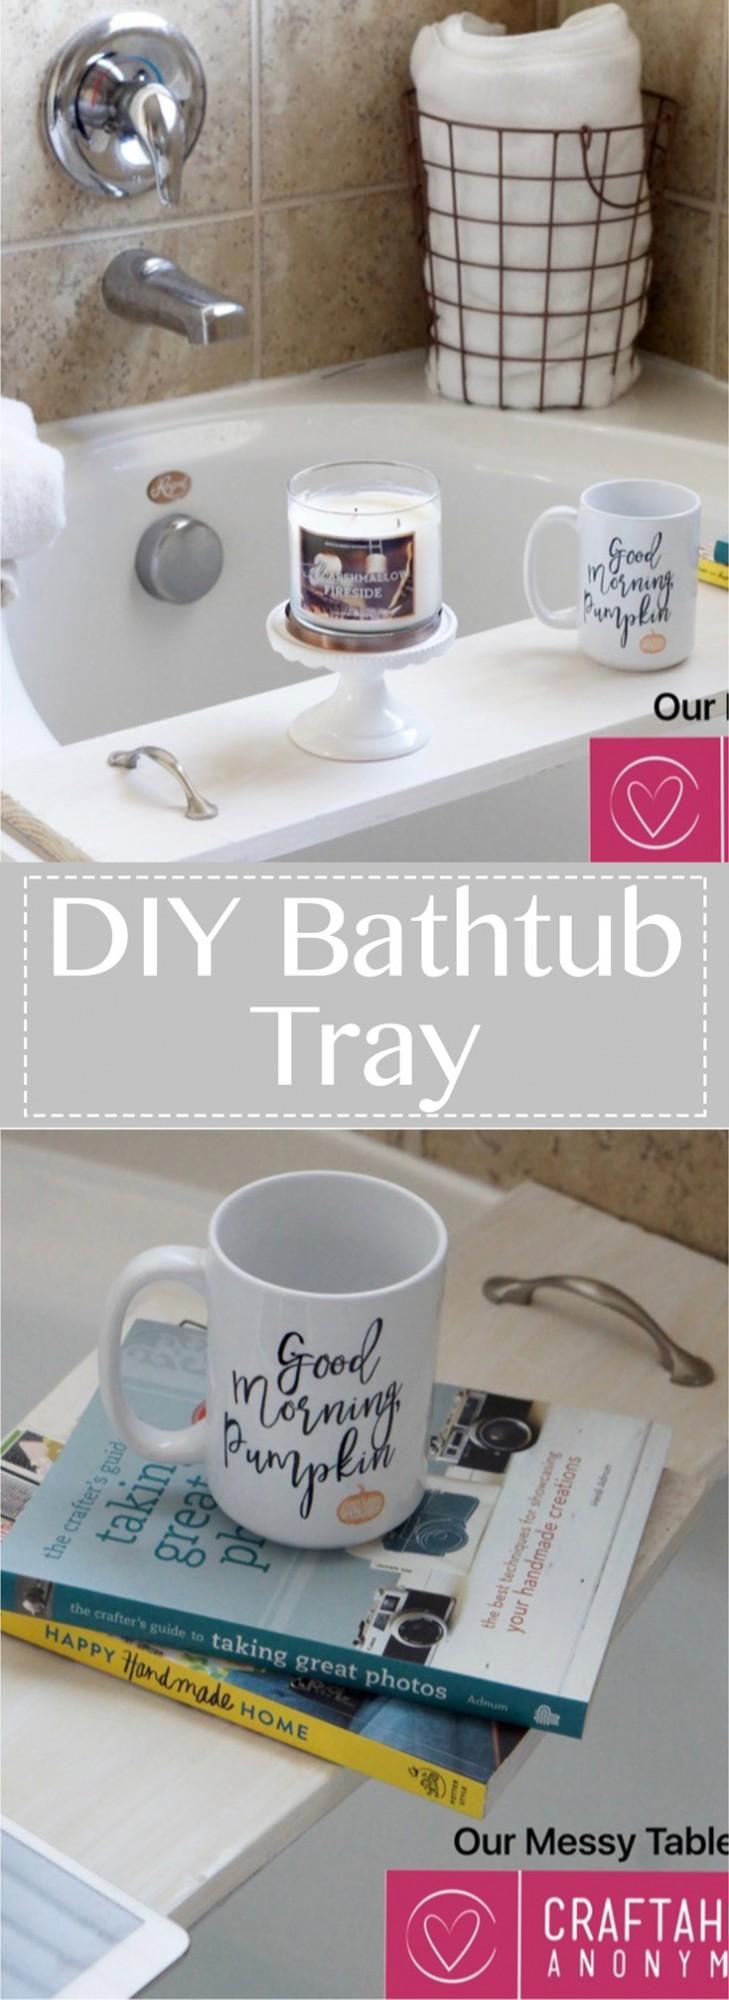 diy-bathtub-tray